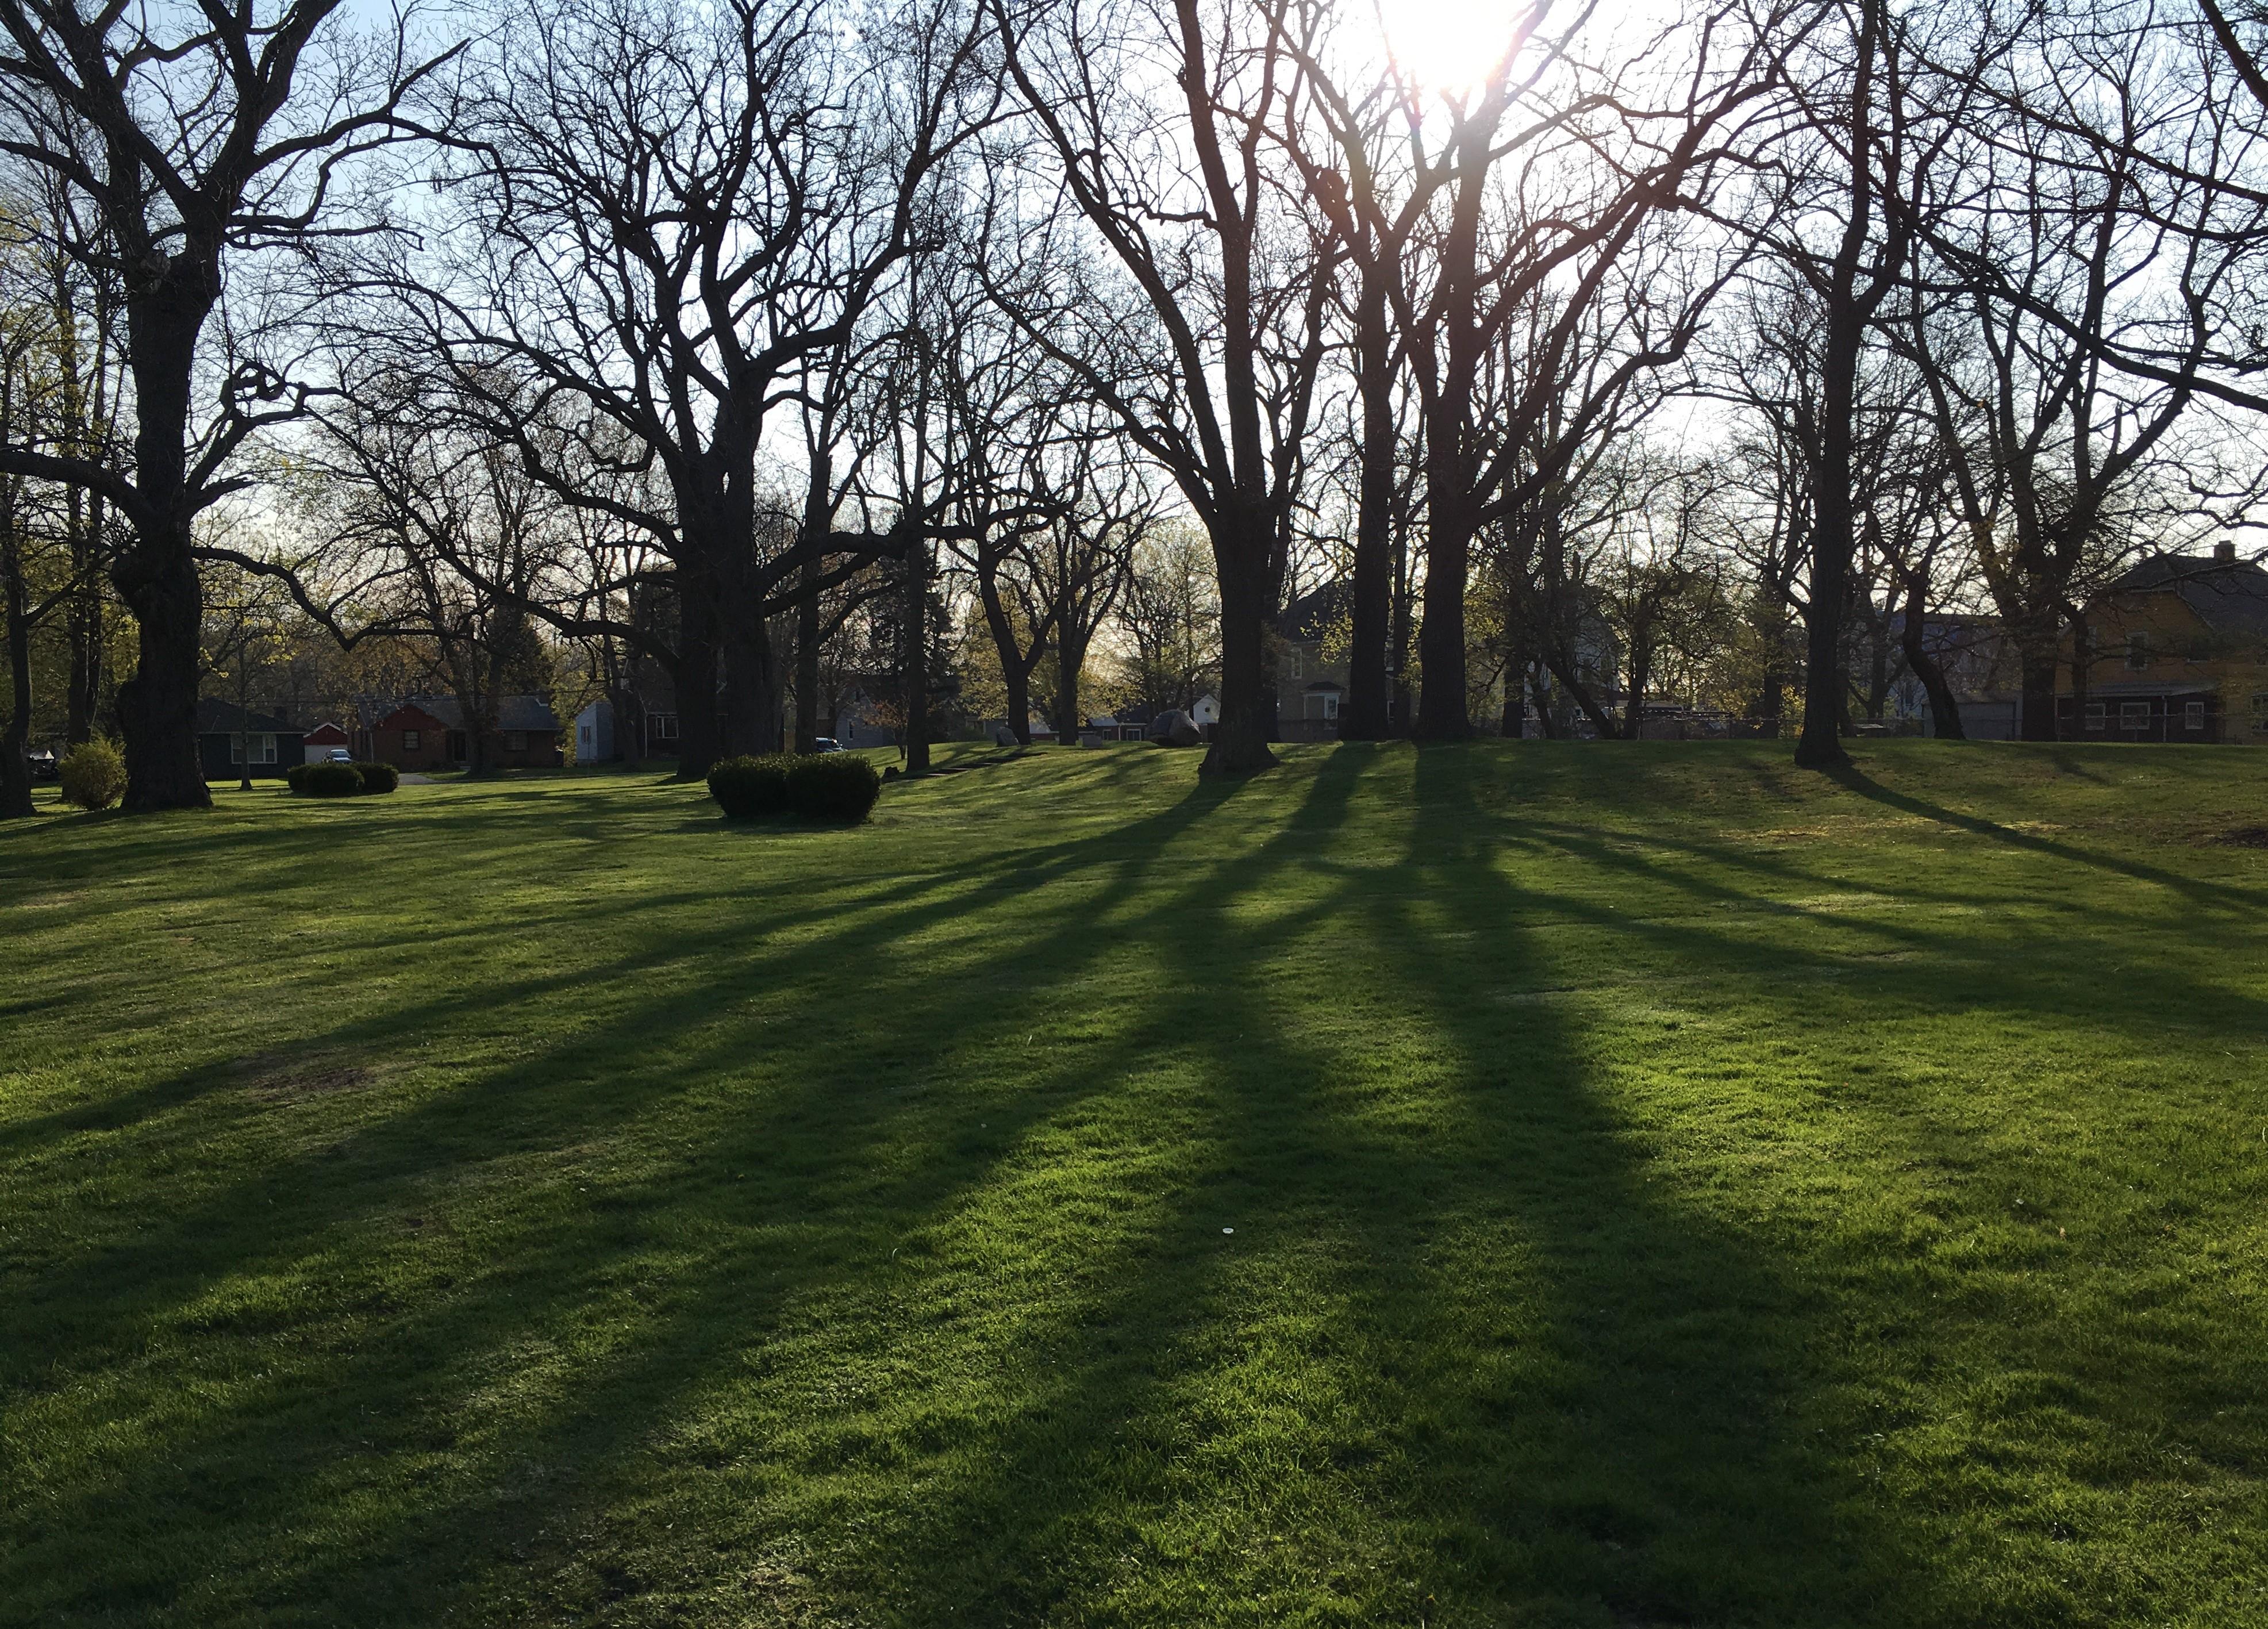 Saturday Morning Shadows at Seneca Indian Park 04-24-21